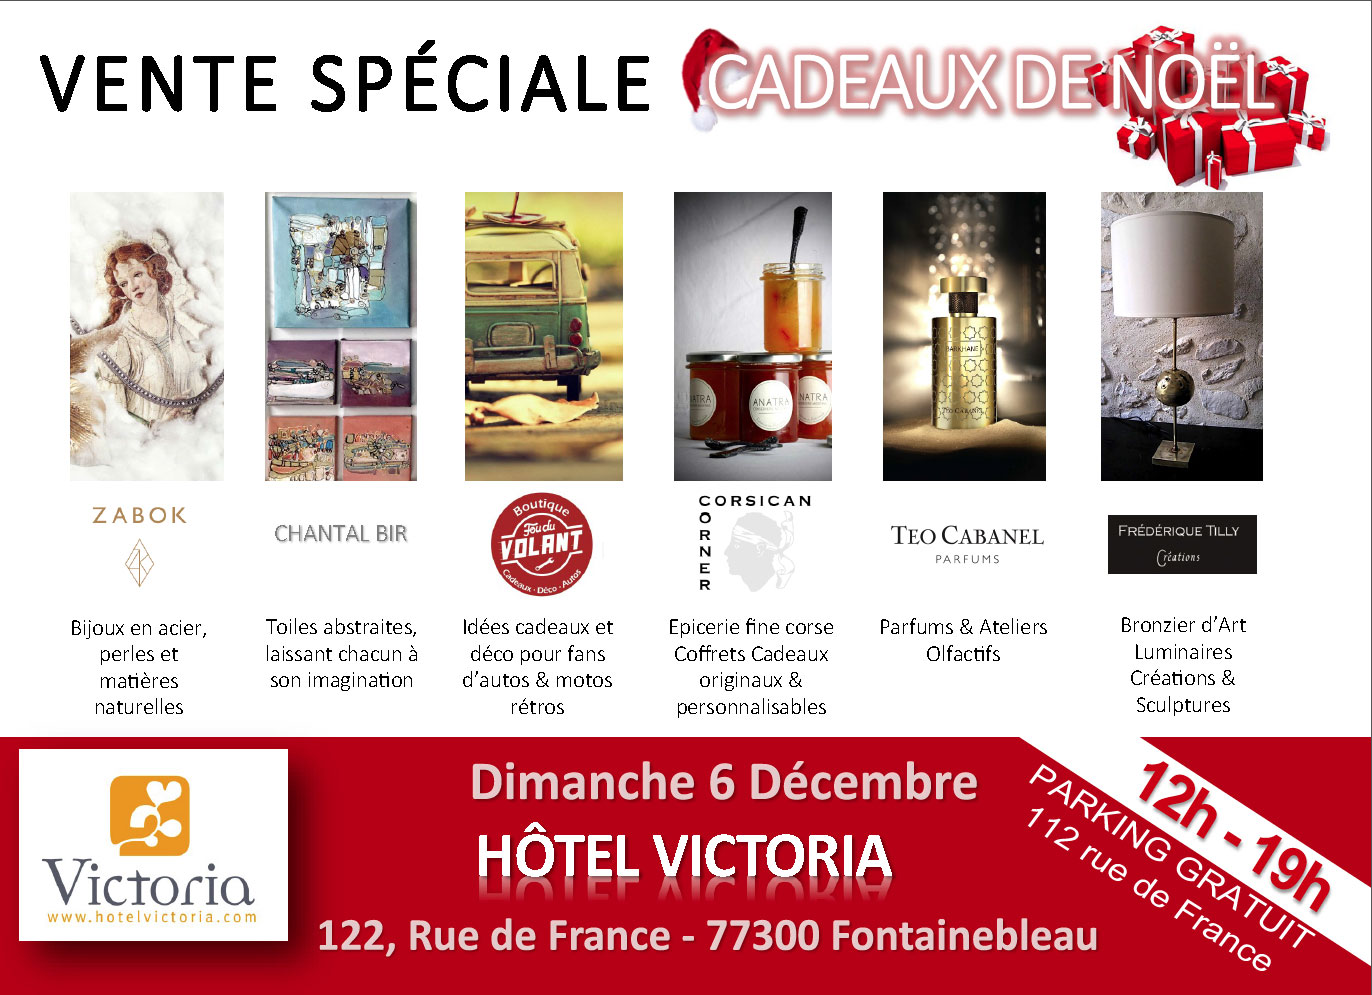 Vente Spéciale Cadeaux à Fontainebleau